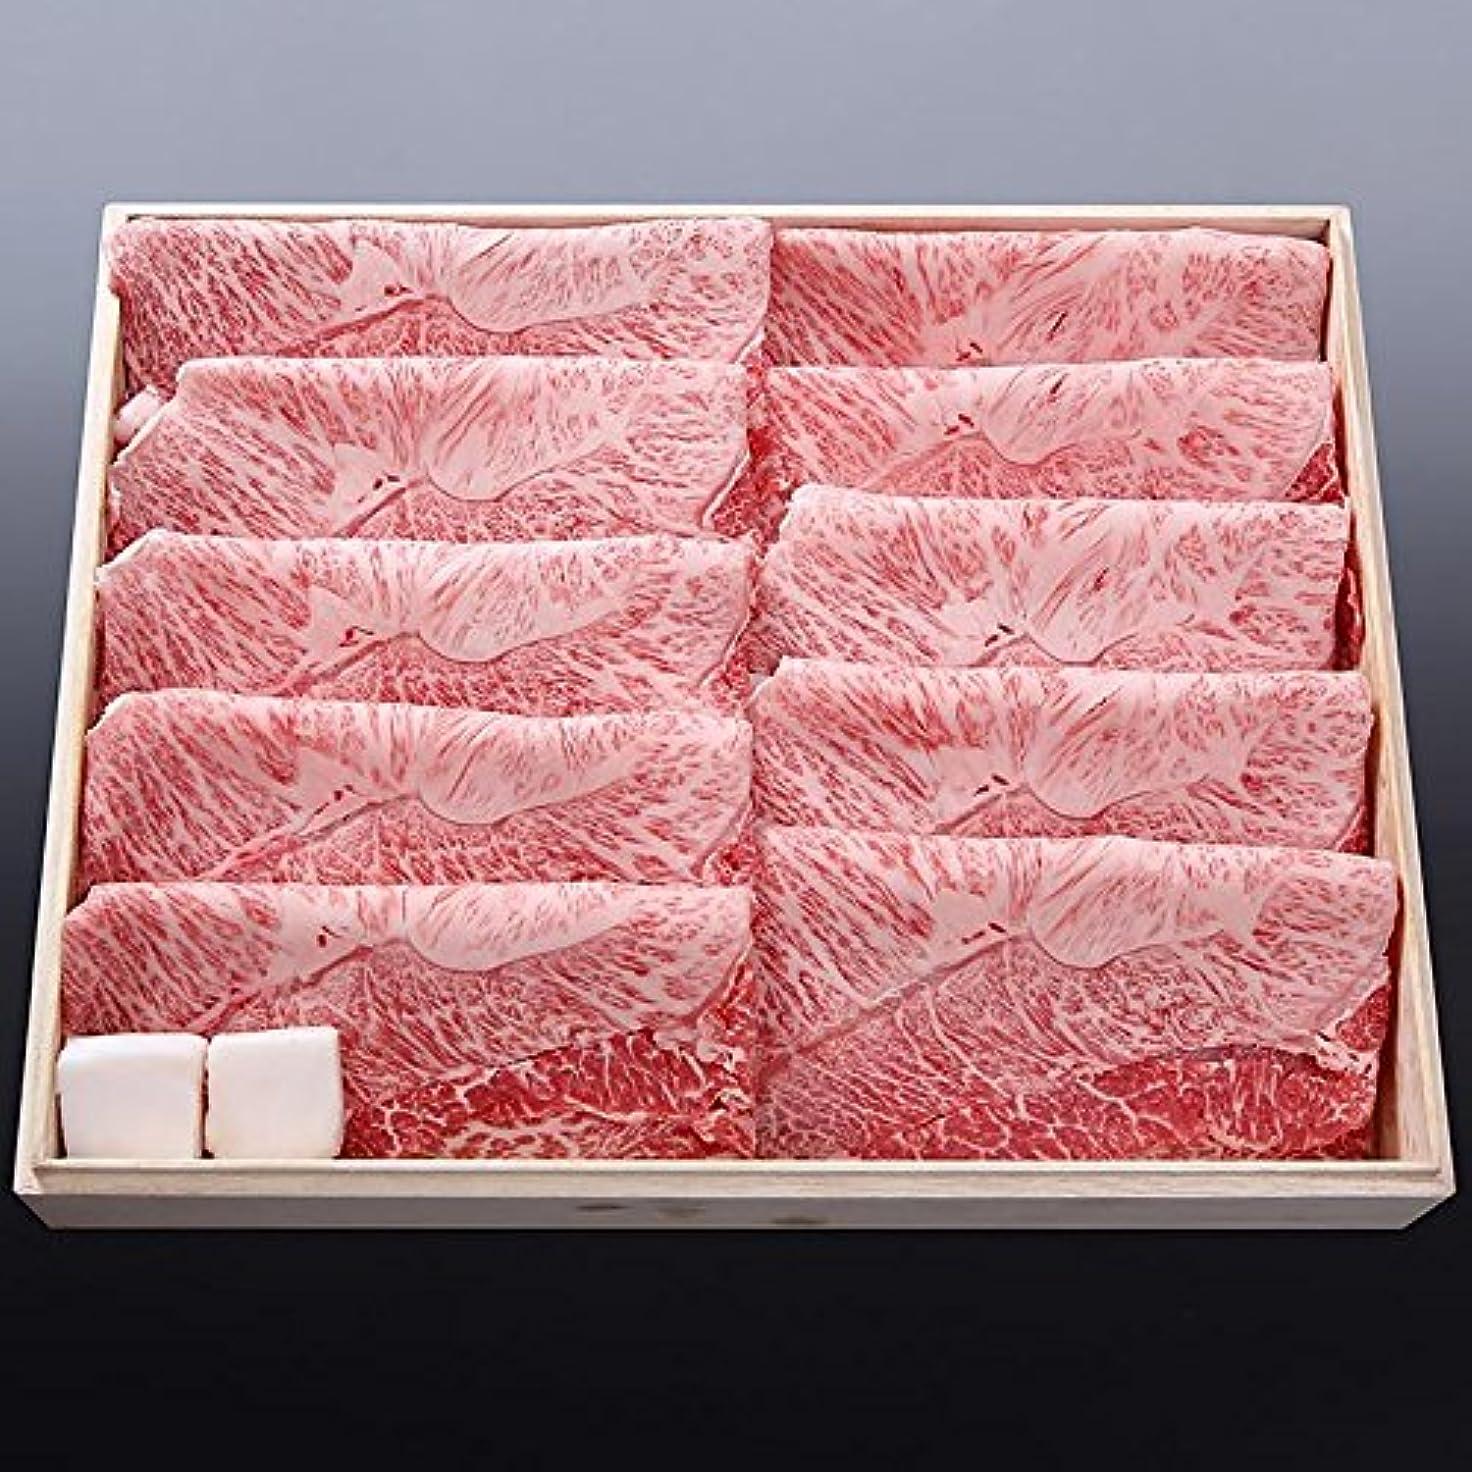 特選松阪牛専門店やまと 松阪牛 上肩スライス すき焼き用 900g(約7~9名様用)わりした付き